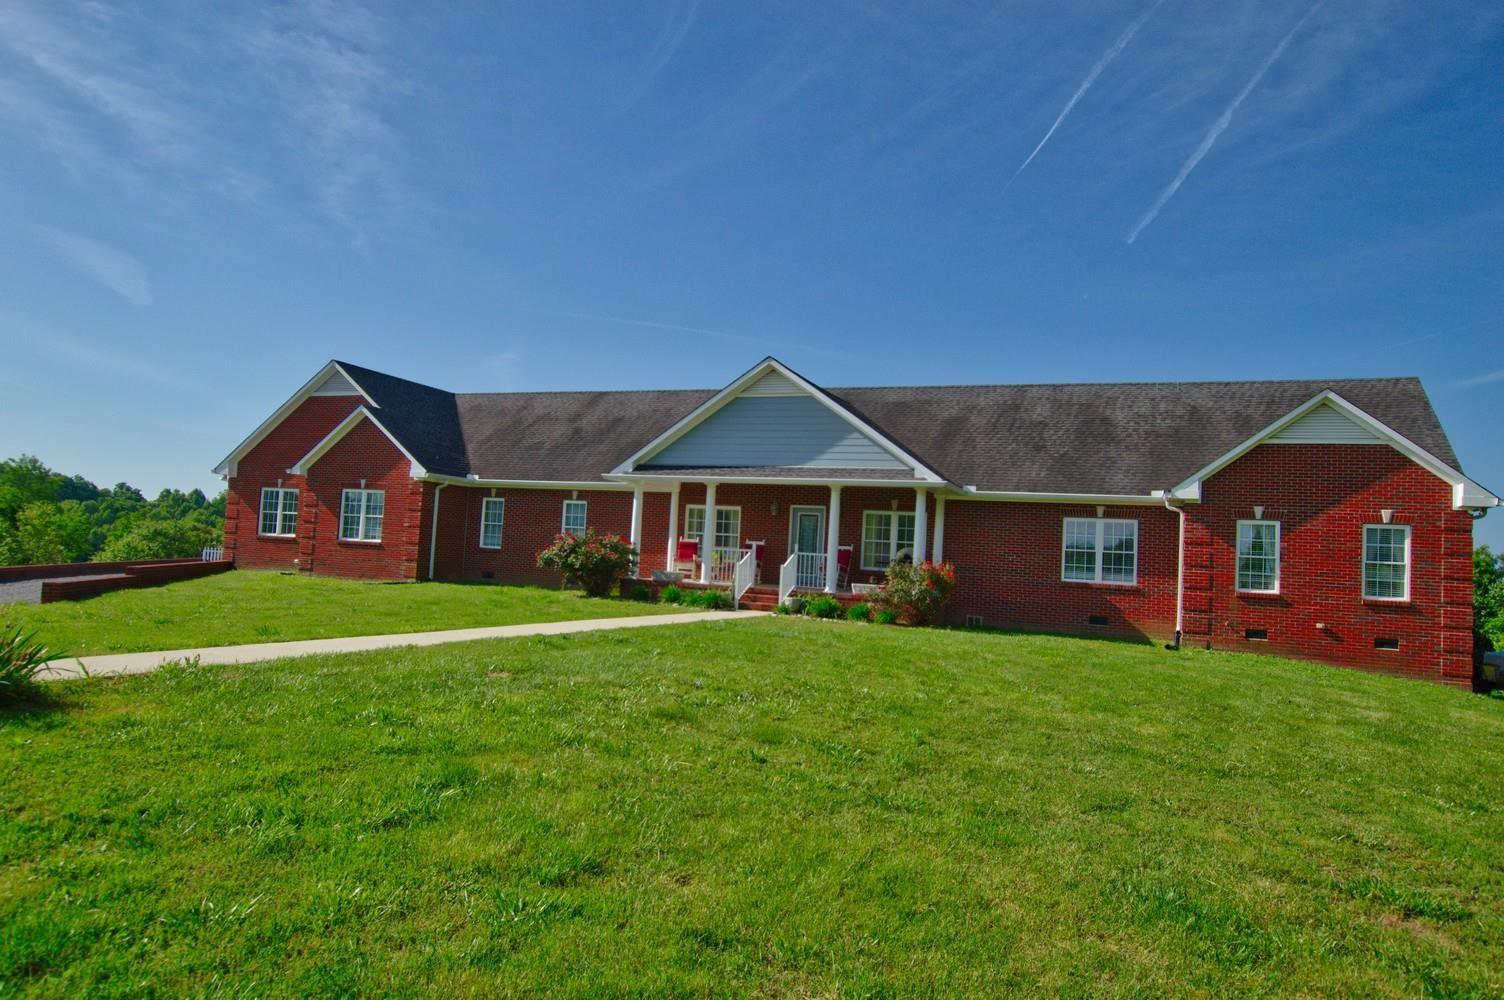 66 Aubrey Nichols Rd, Woodbury, TN 37190 - Woodbury, TN real estate listing